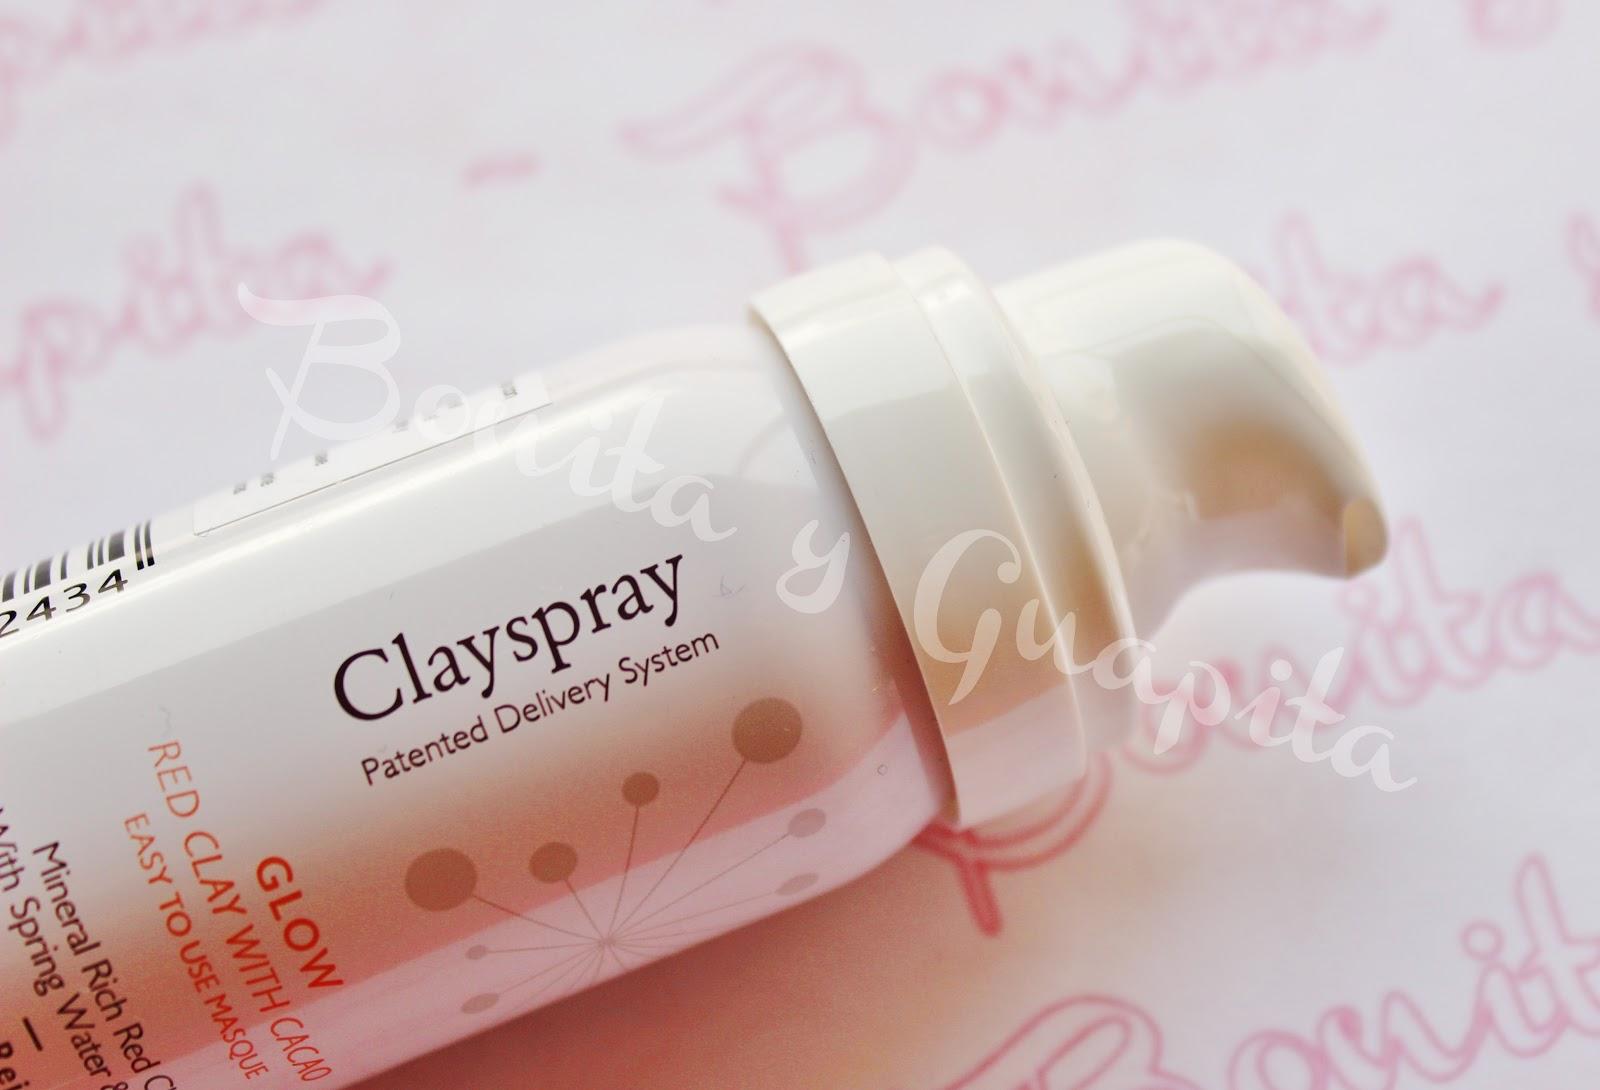 clayspray glow